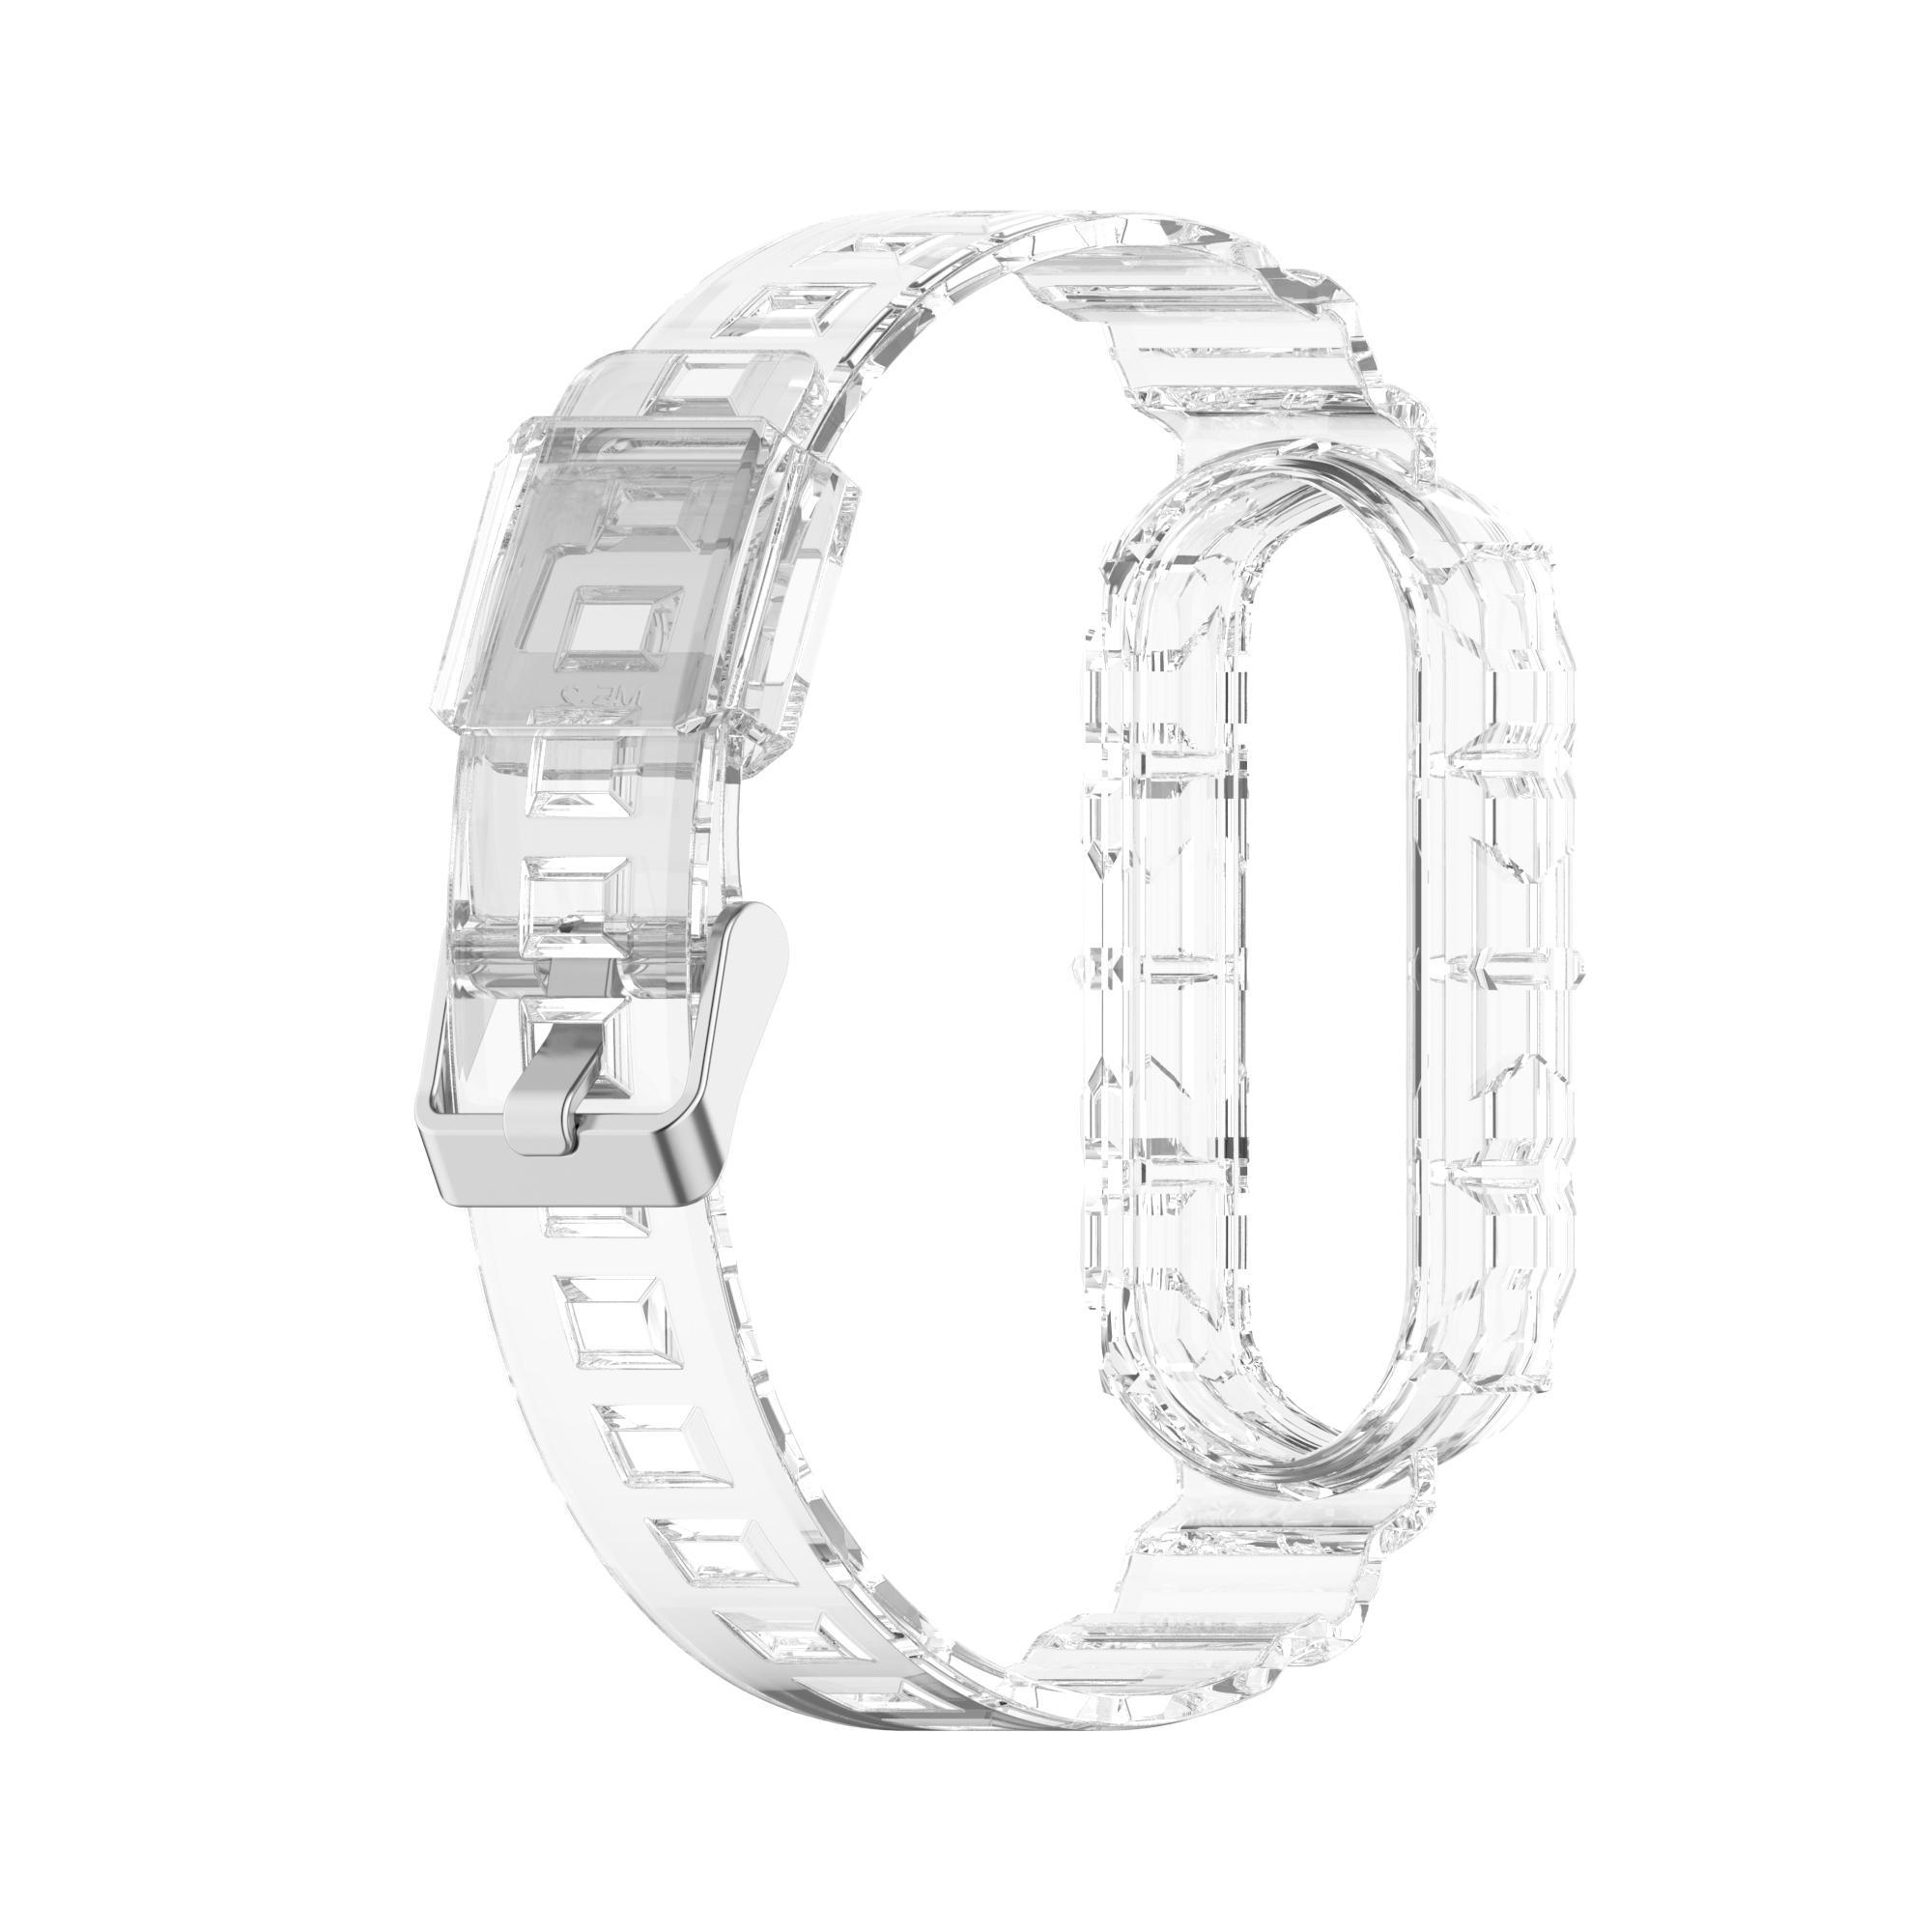 Ersatz TPU Clear Watch-Bands-Riemen und -tasche für Xiaomi MI-Band 4 Band3 50pcs / lot